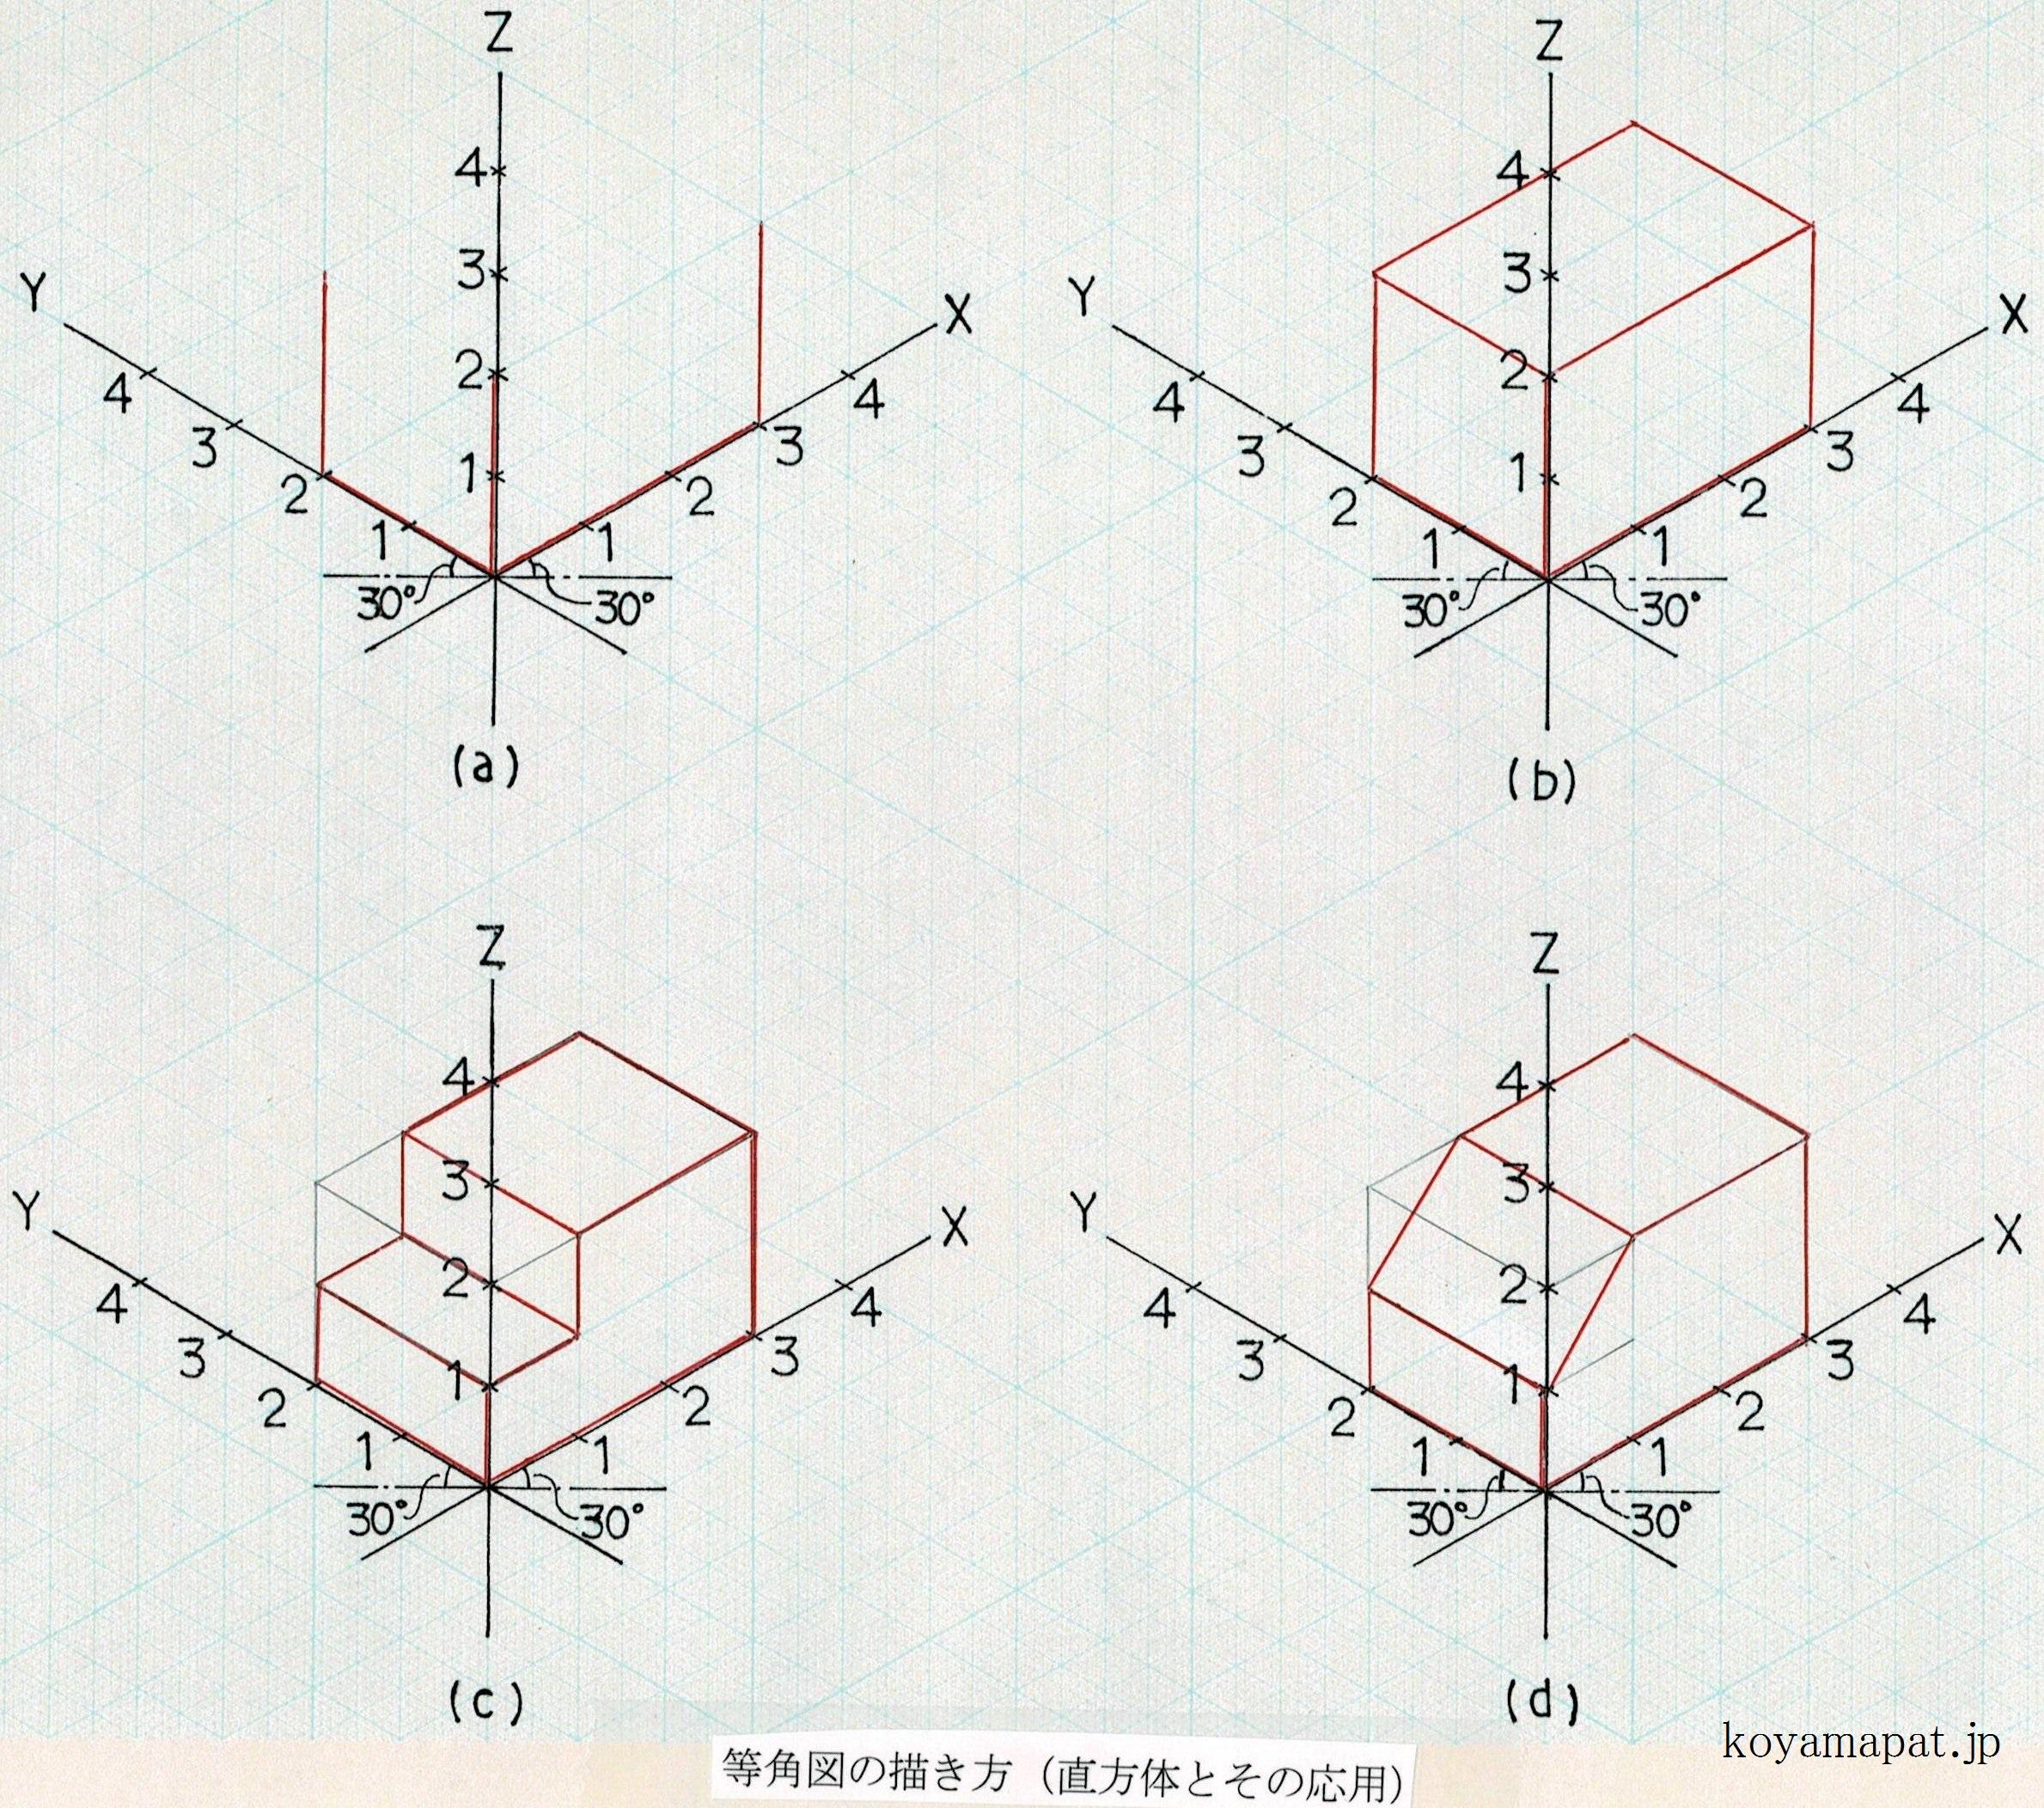 等角図の描き方(直方体とその応用)